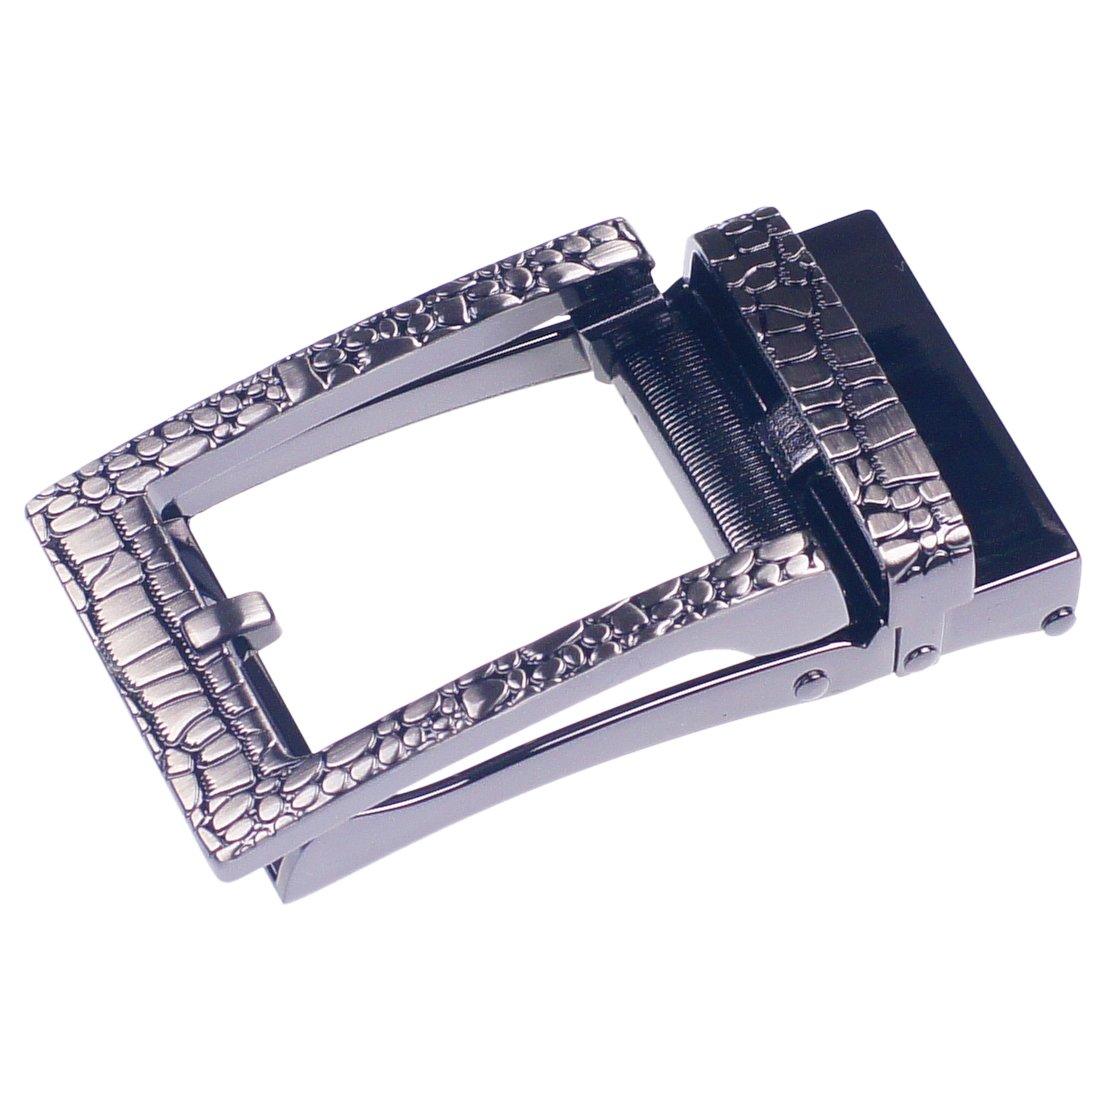 Mens Ratchet Alloy Automatic Buckle-GangTu New Fashion Ratchet Belt Buckle 3.6cm